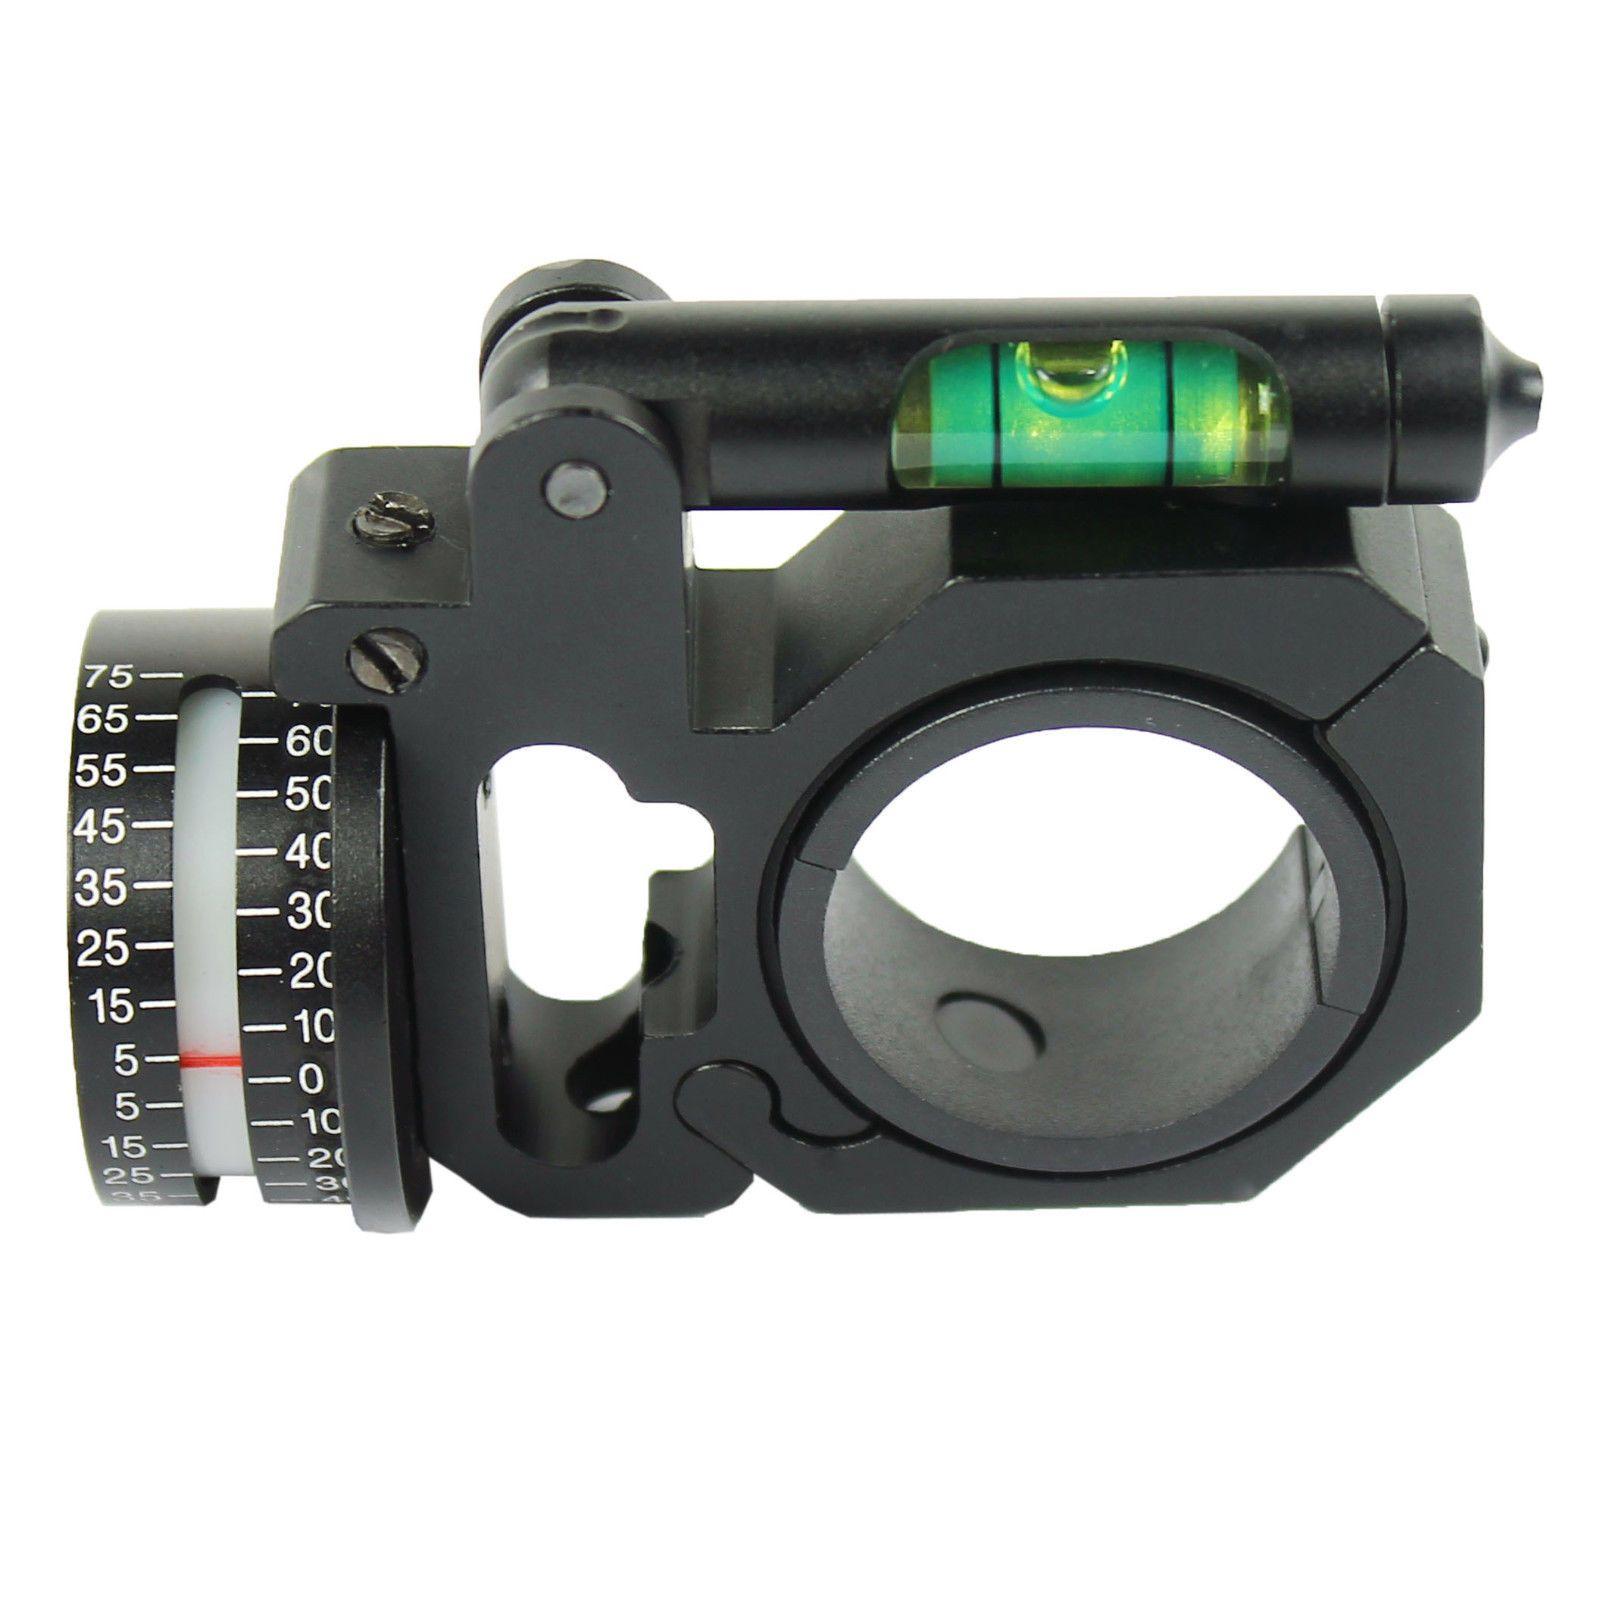 """ADI//ACI 1/"""" to 30mm Ring Angle Degree Indicator Scope Mount W//Bubble Level"""